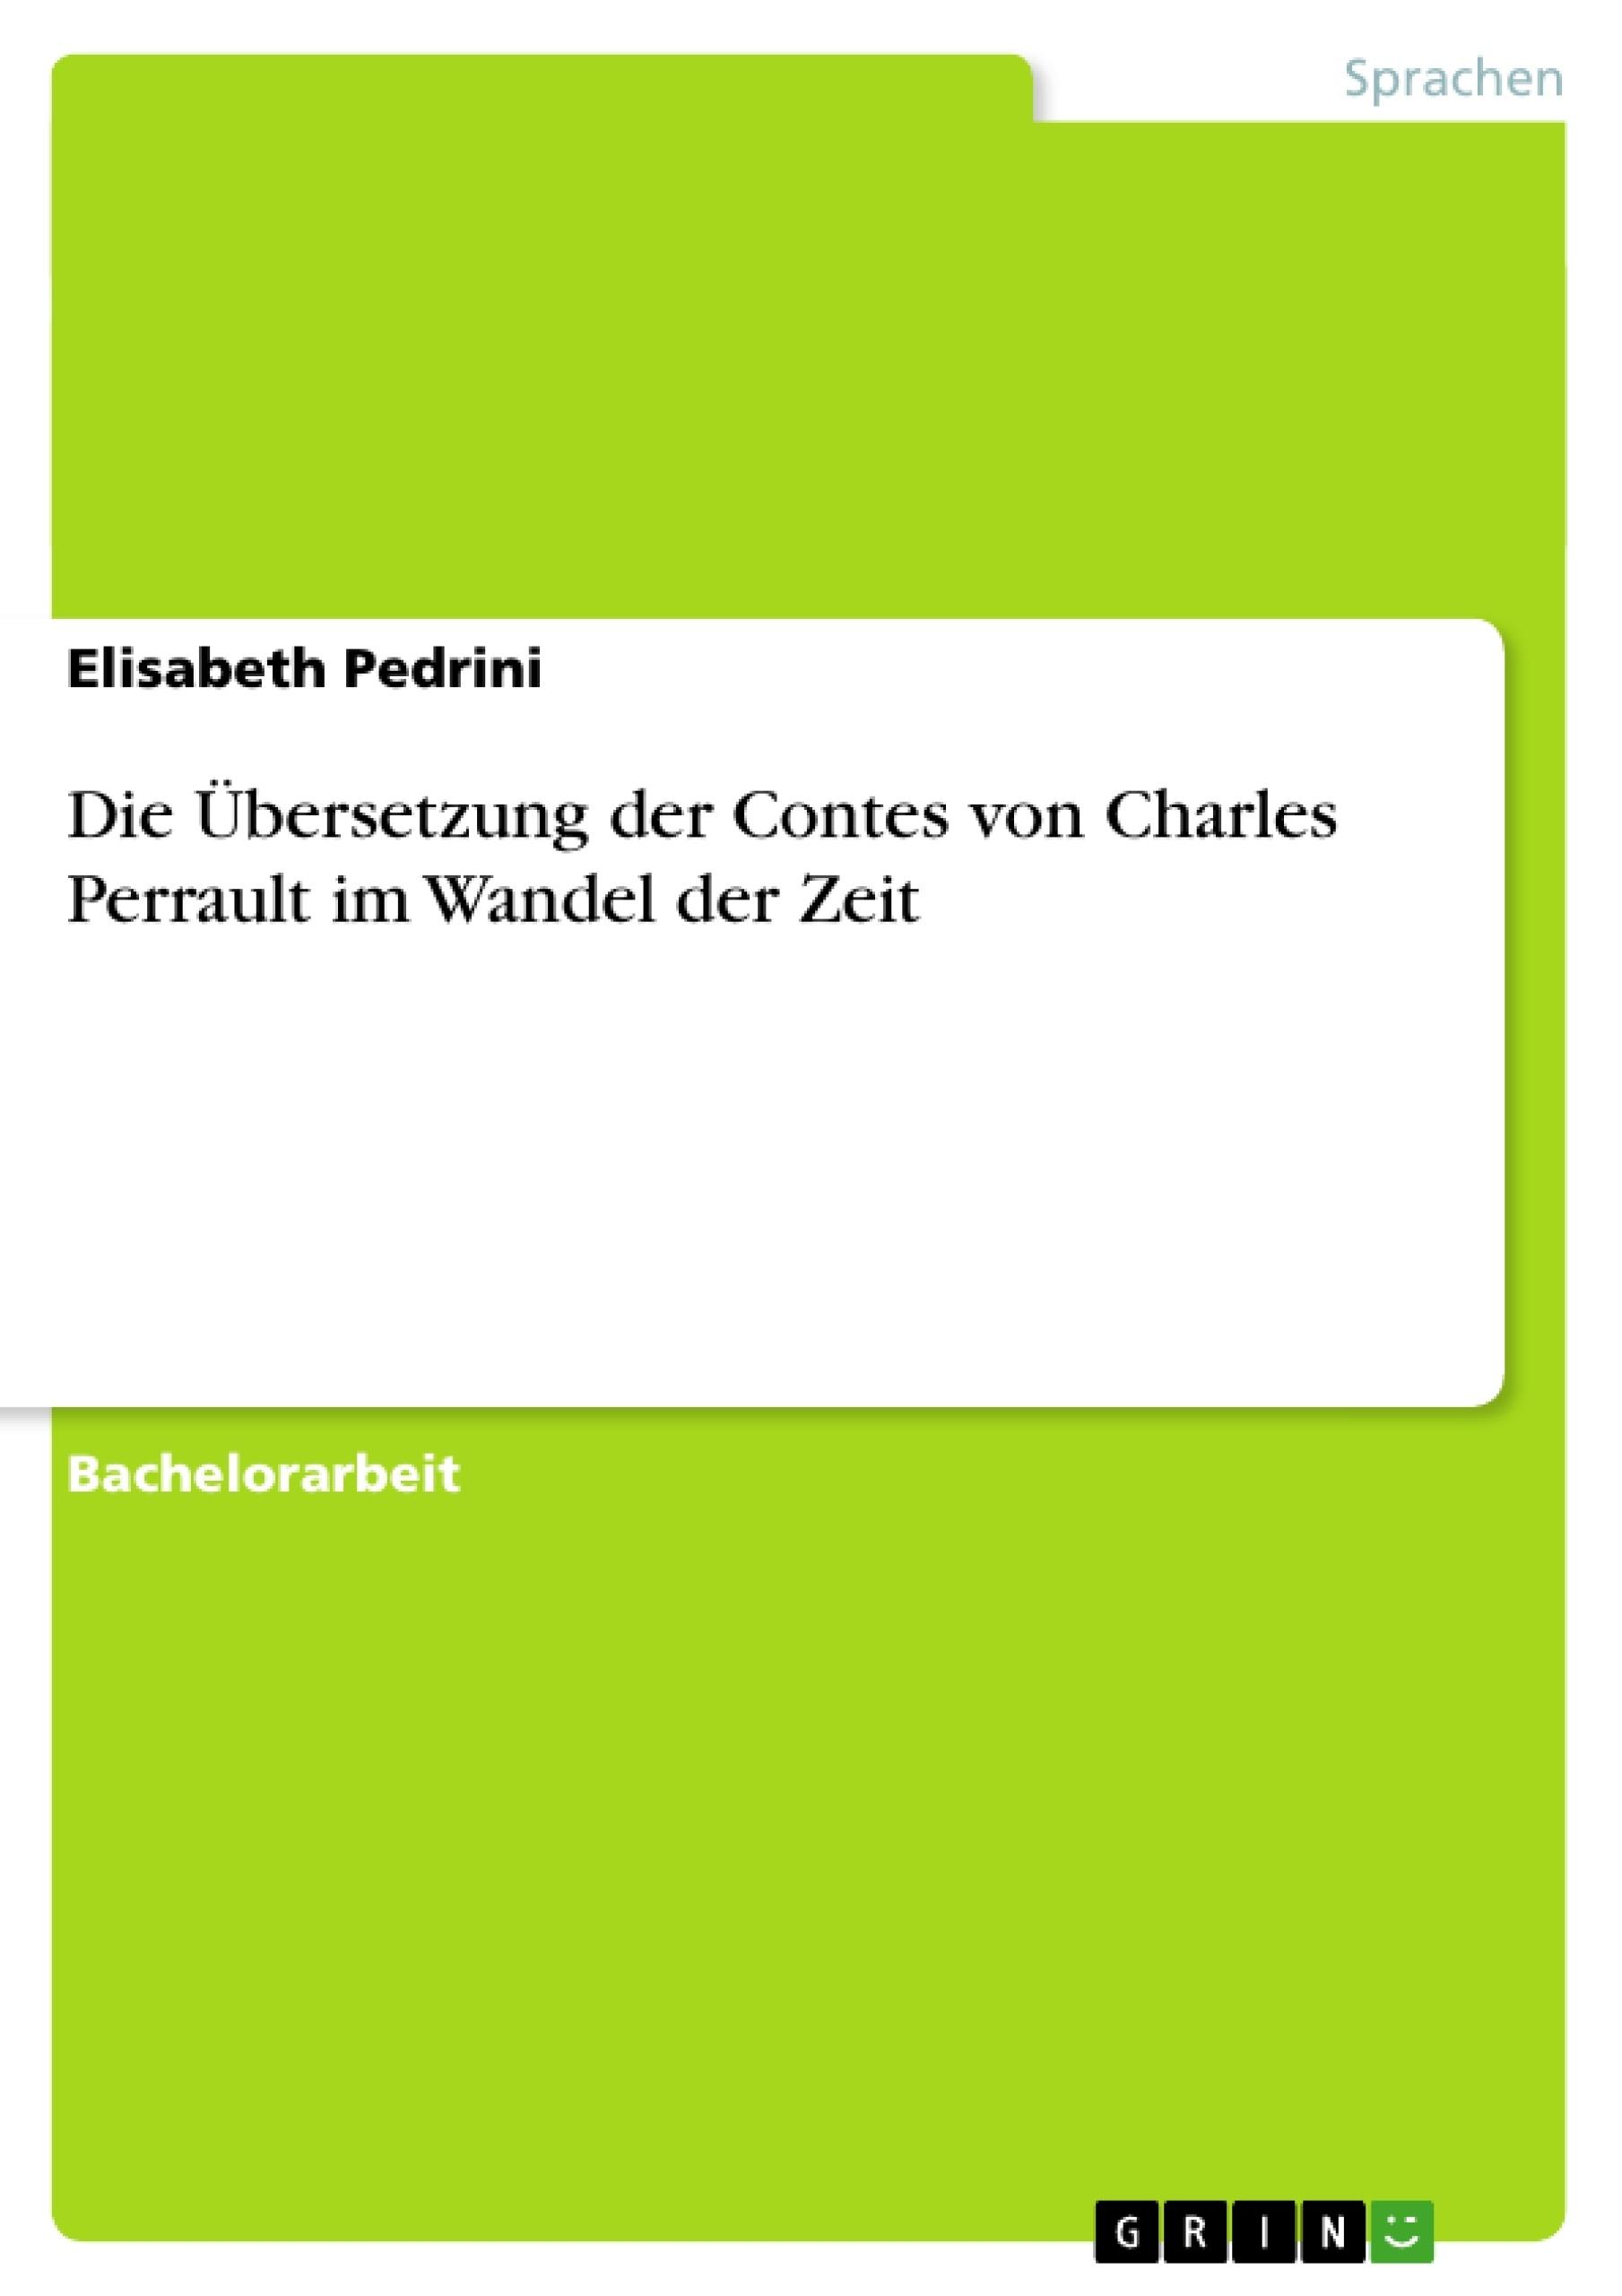 Titel: Die Übersetzung der Contes von Charles Perrault im Wandel der Zeit